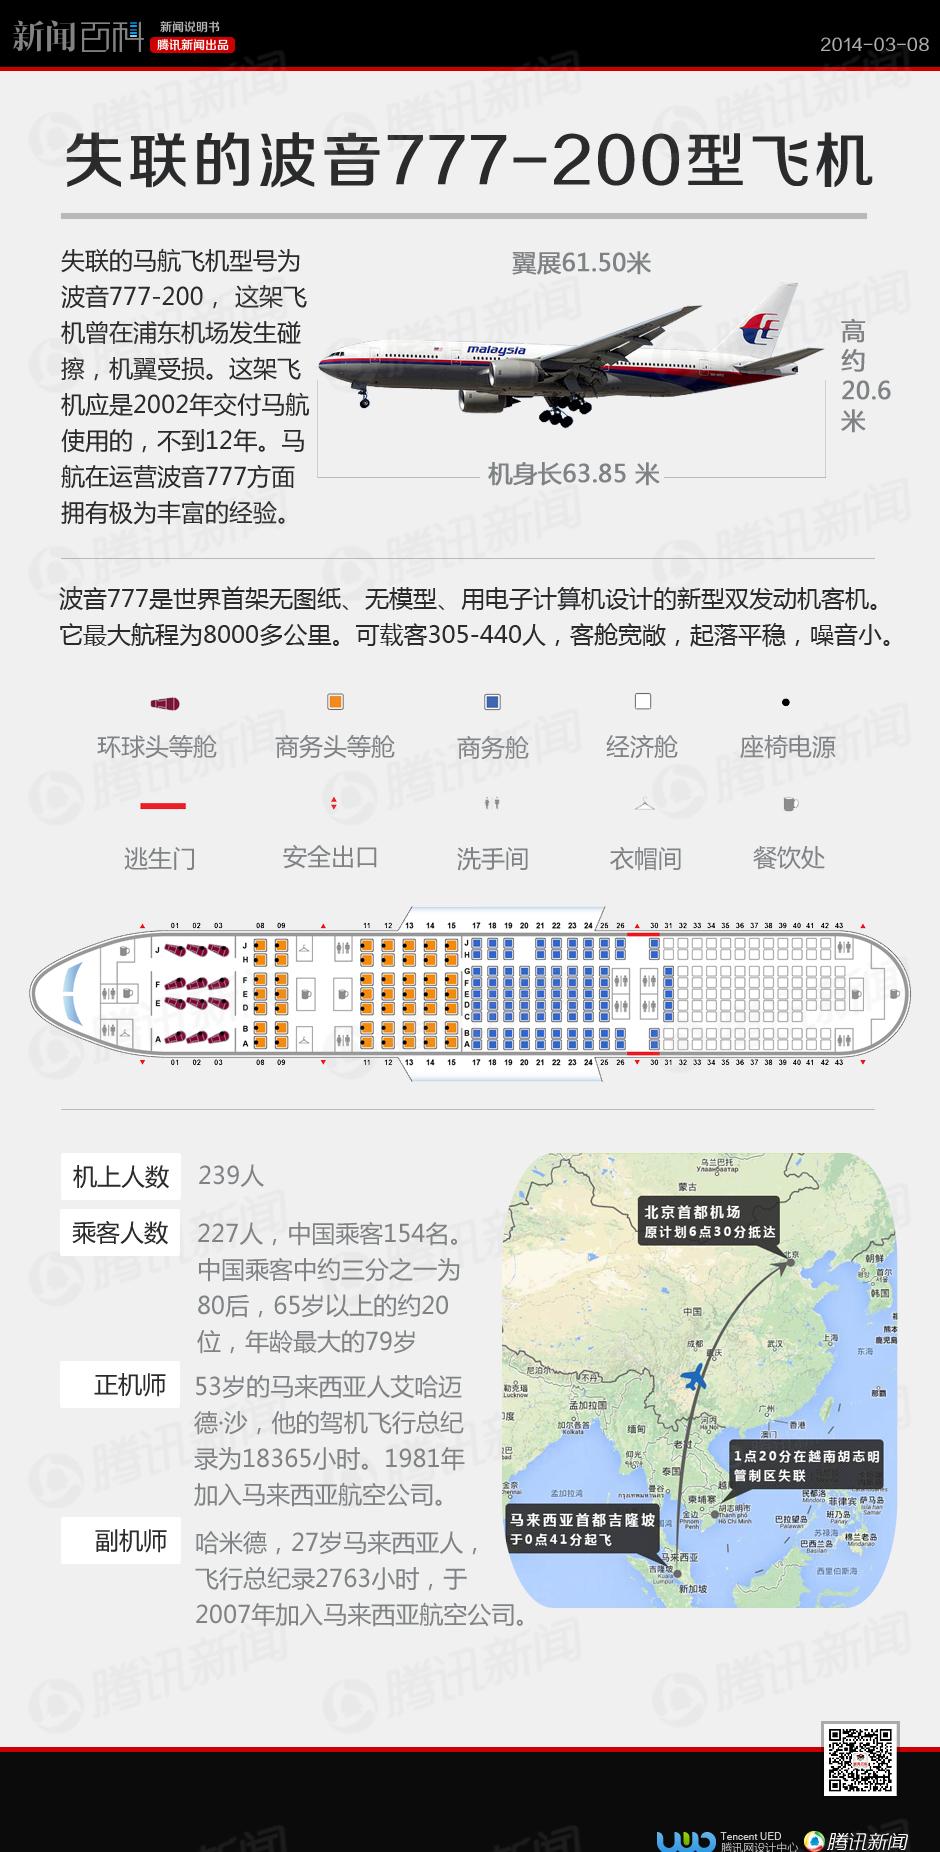 失联的波音777-200型飞机_新闻百科_新闻中心_腾讯网